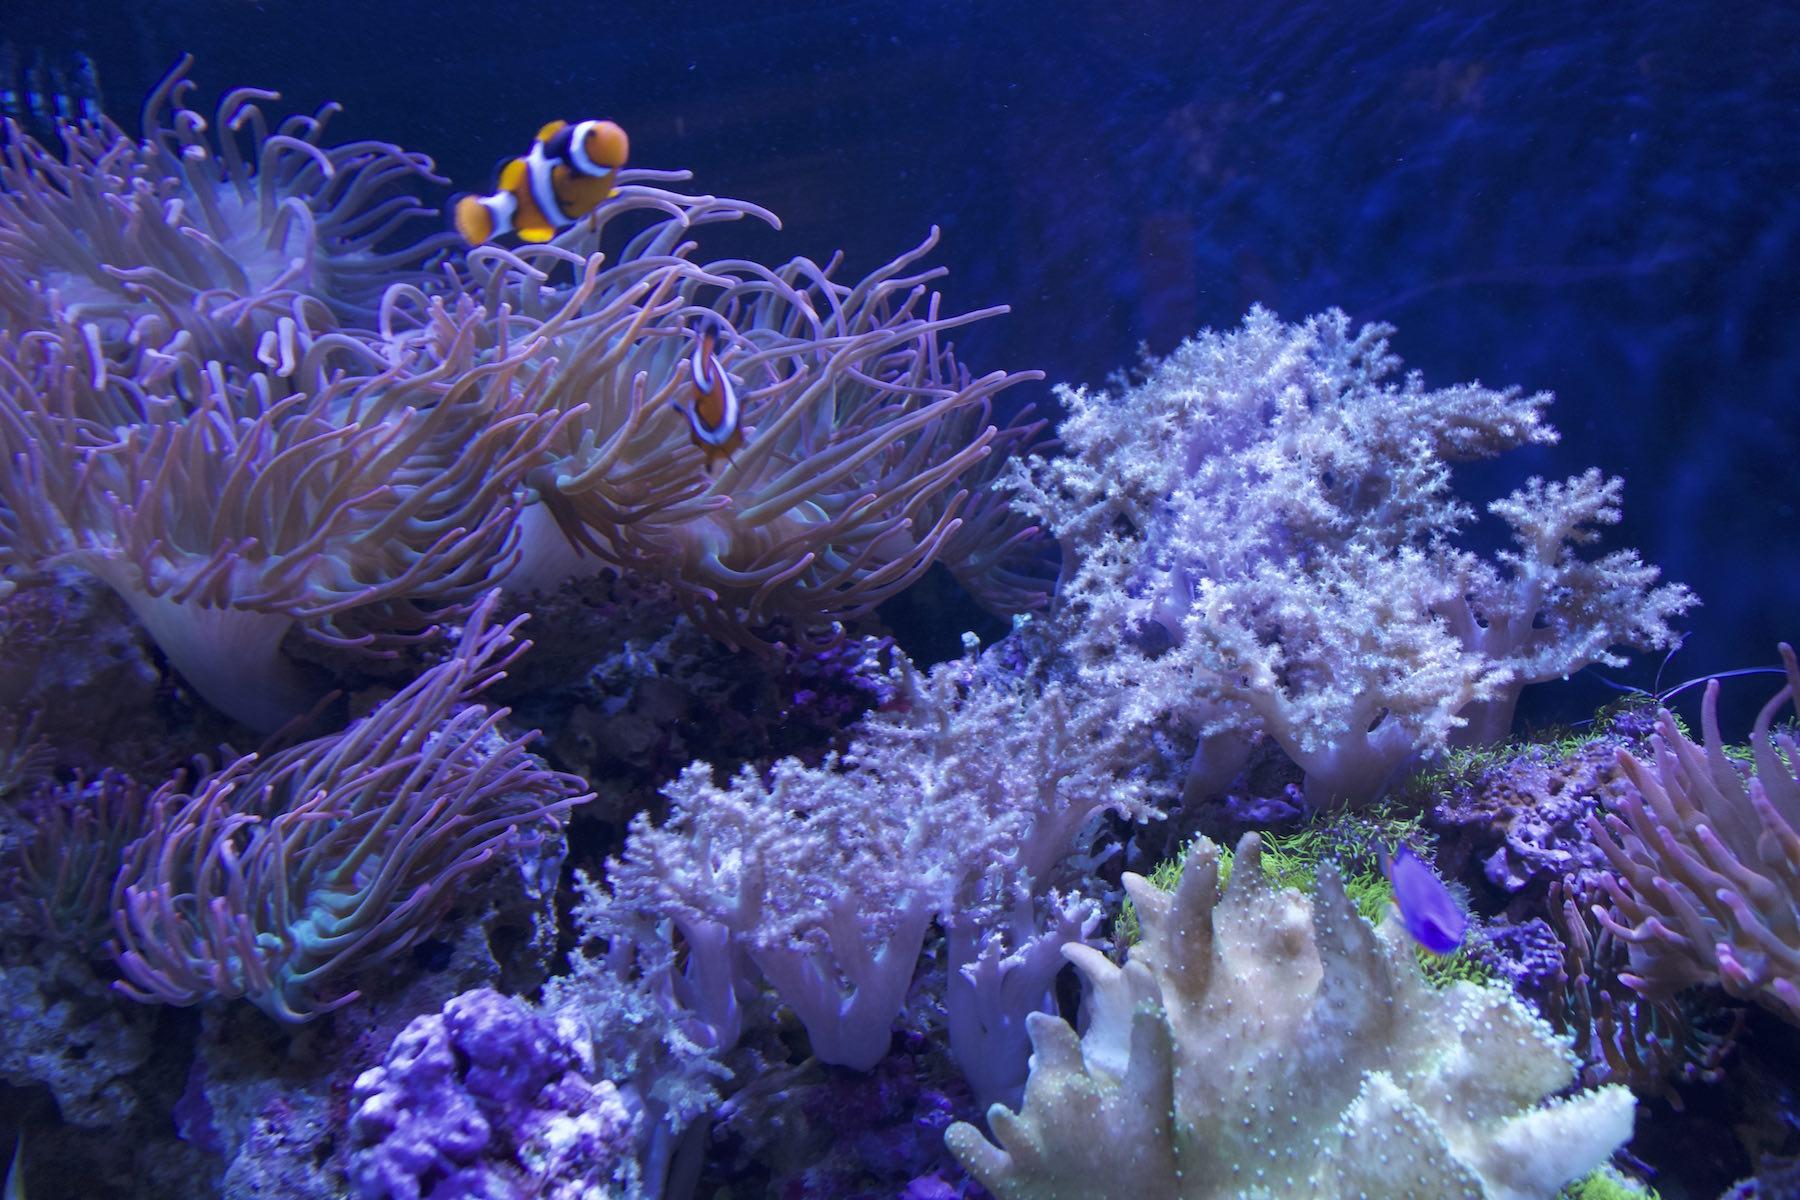 fish aquarium with assorted coral and aquatic life